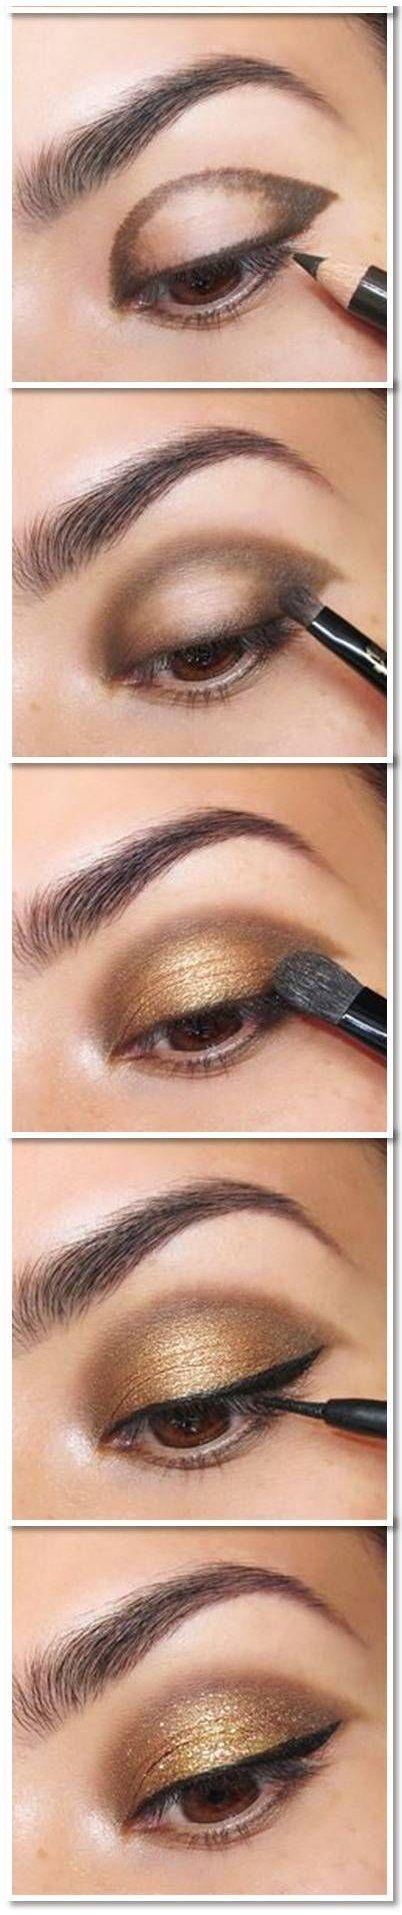 maquiagem dourada passo a passo